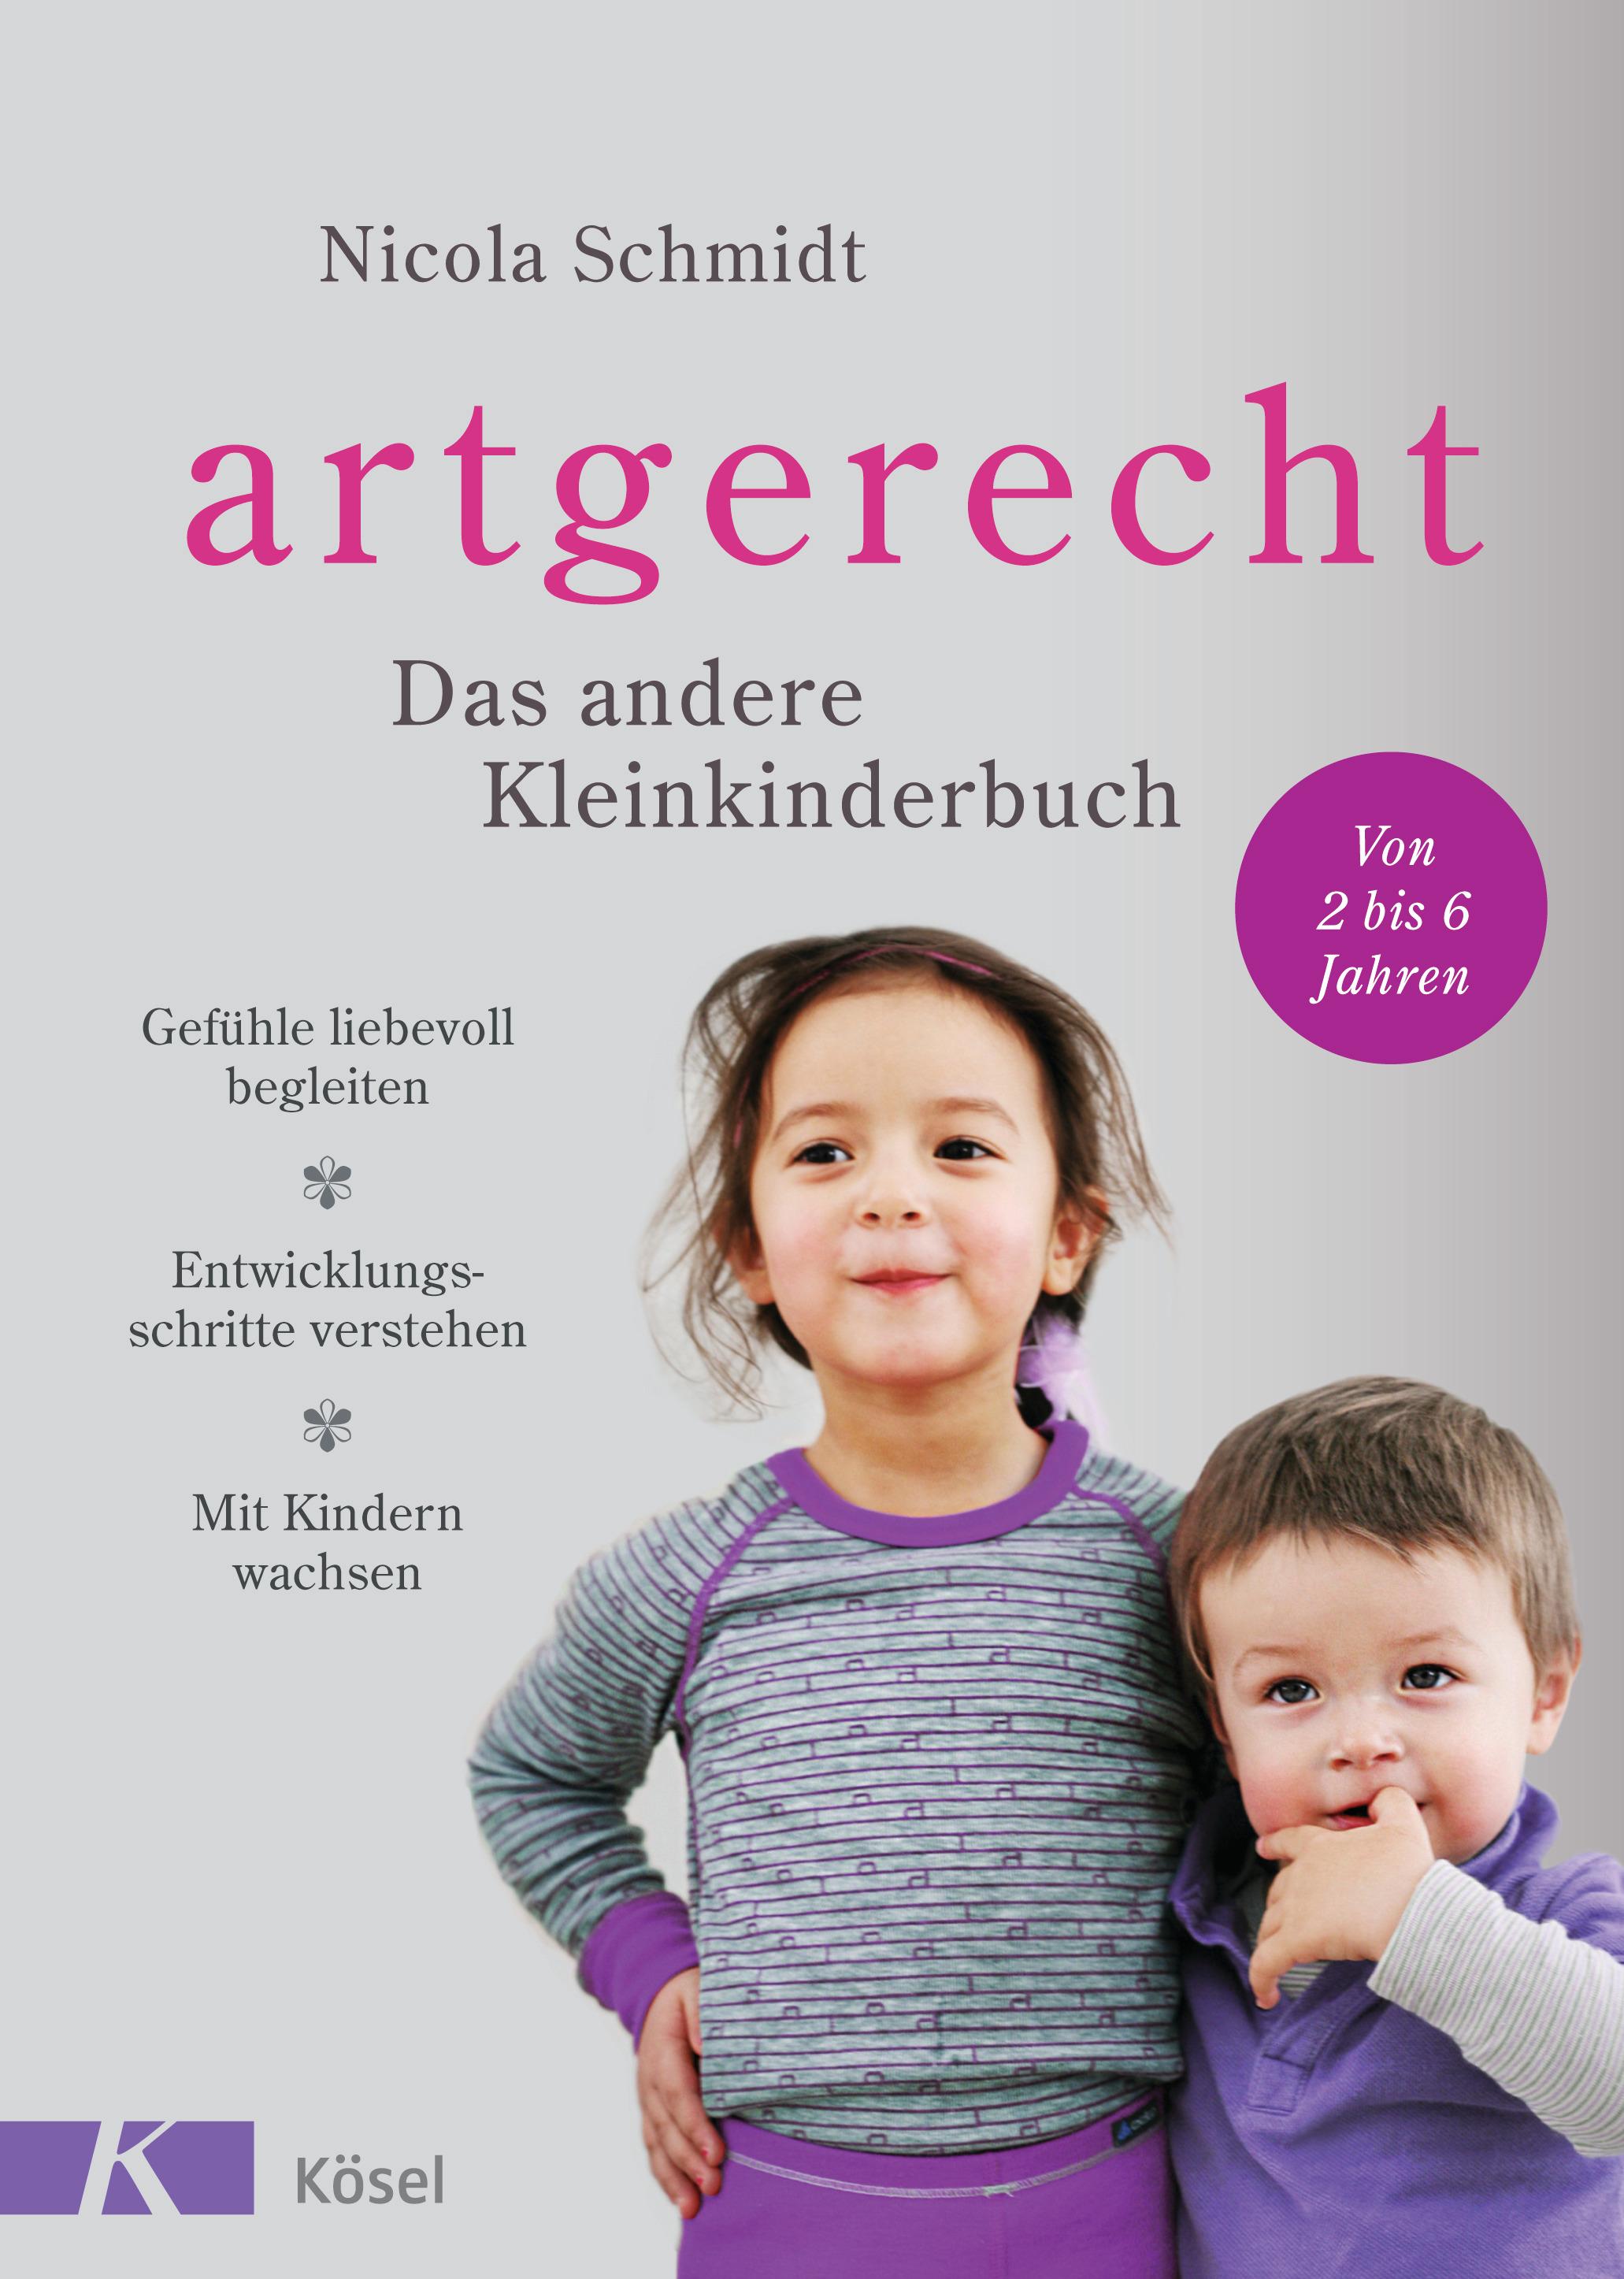 »ARTGERECHT - DAS ANDERE KLEINKINDERBUCH« - KÖSEL